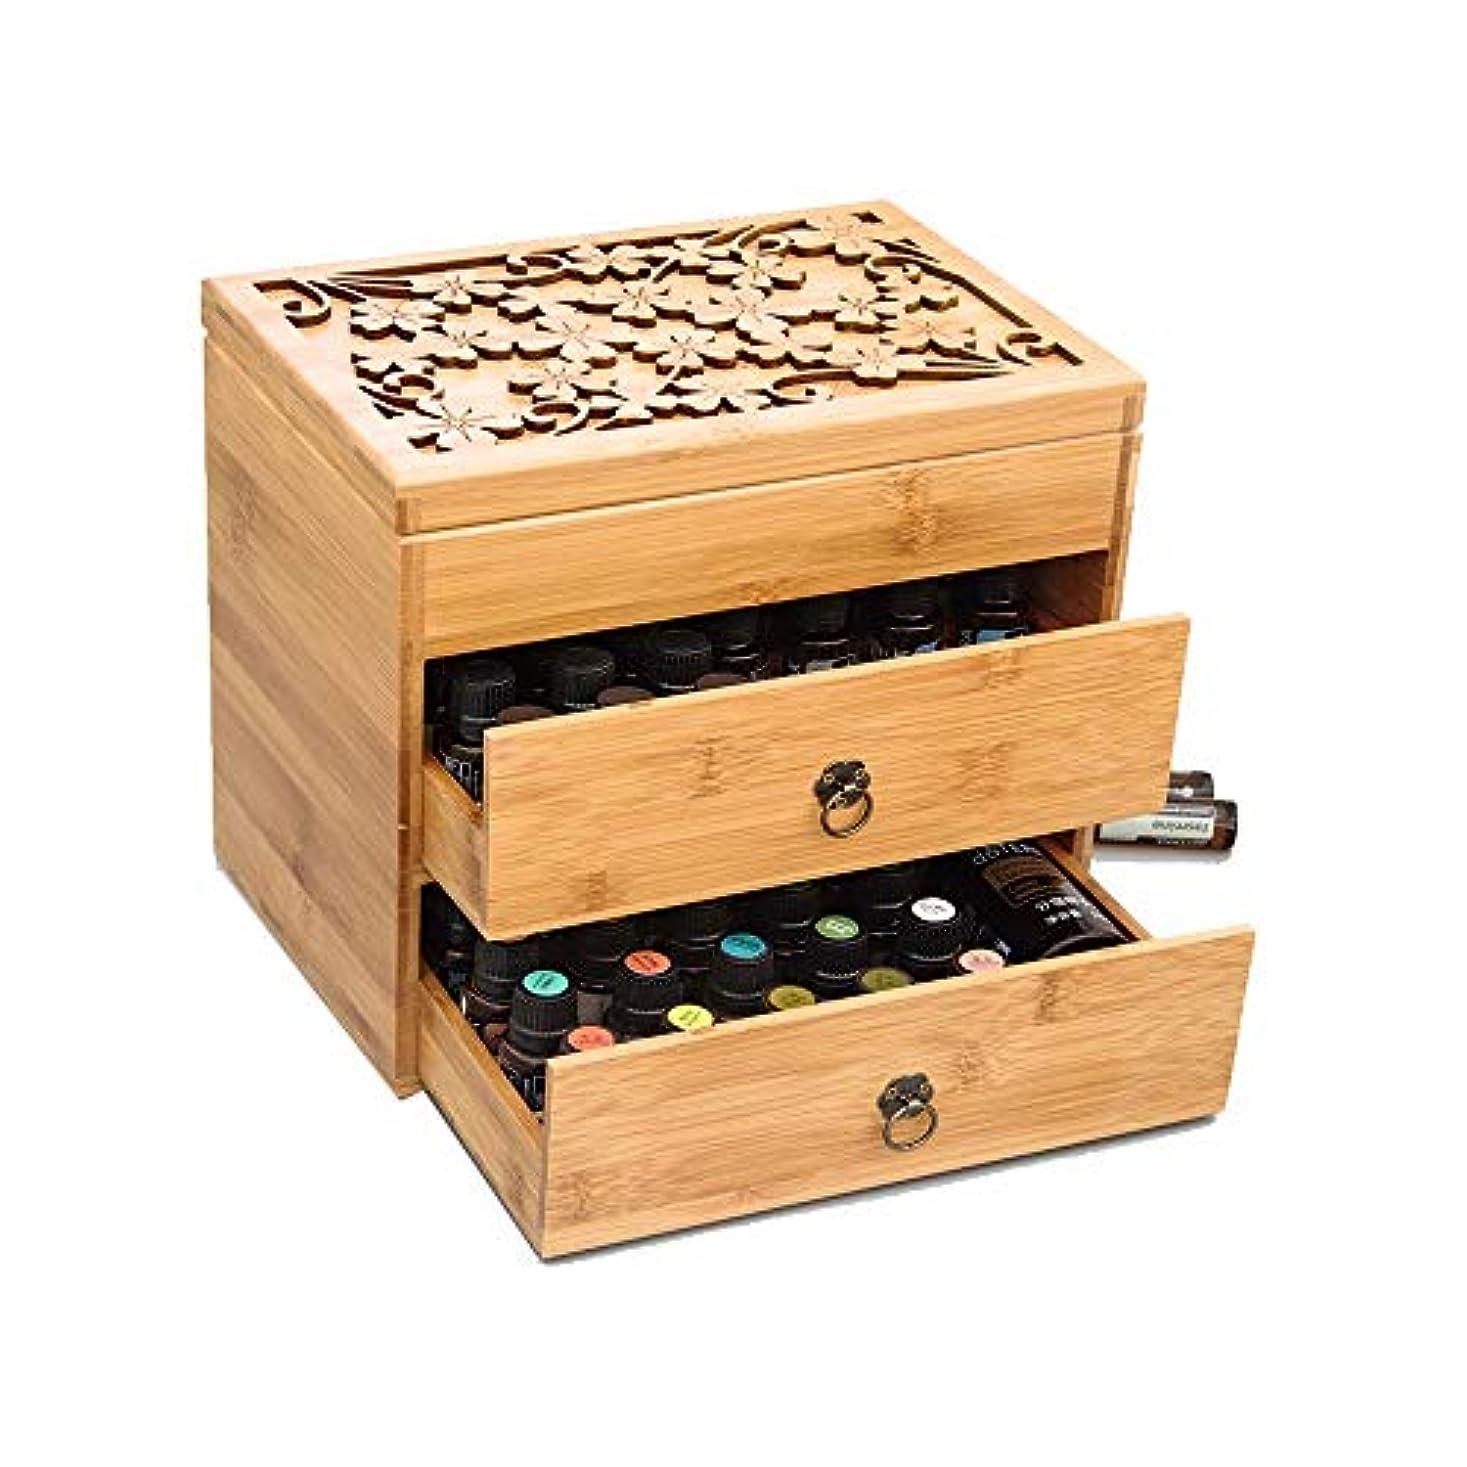 冗談であいさつシェトランド諸島エッセンシャルオイルストレージボックス 3ティアエッセンシャルオイルボックスケースは、エレガントな装飾的なデザインでは5、10&15ミリリットルボトル木製収納を保護します 旅行およびプレゼンテーション用 (色 : Natural...